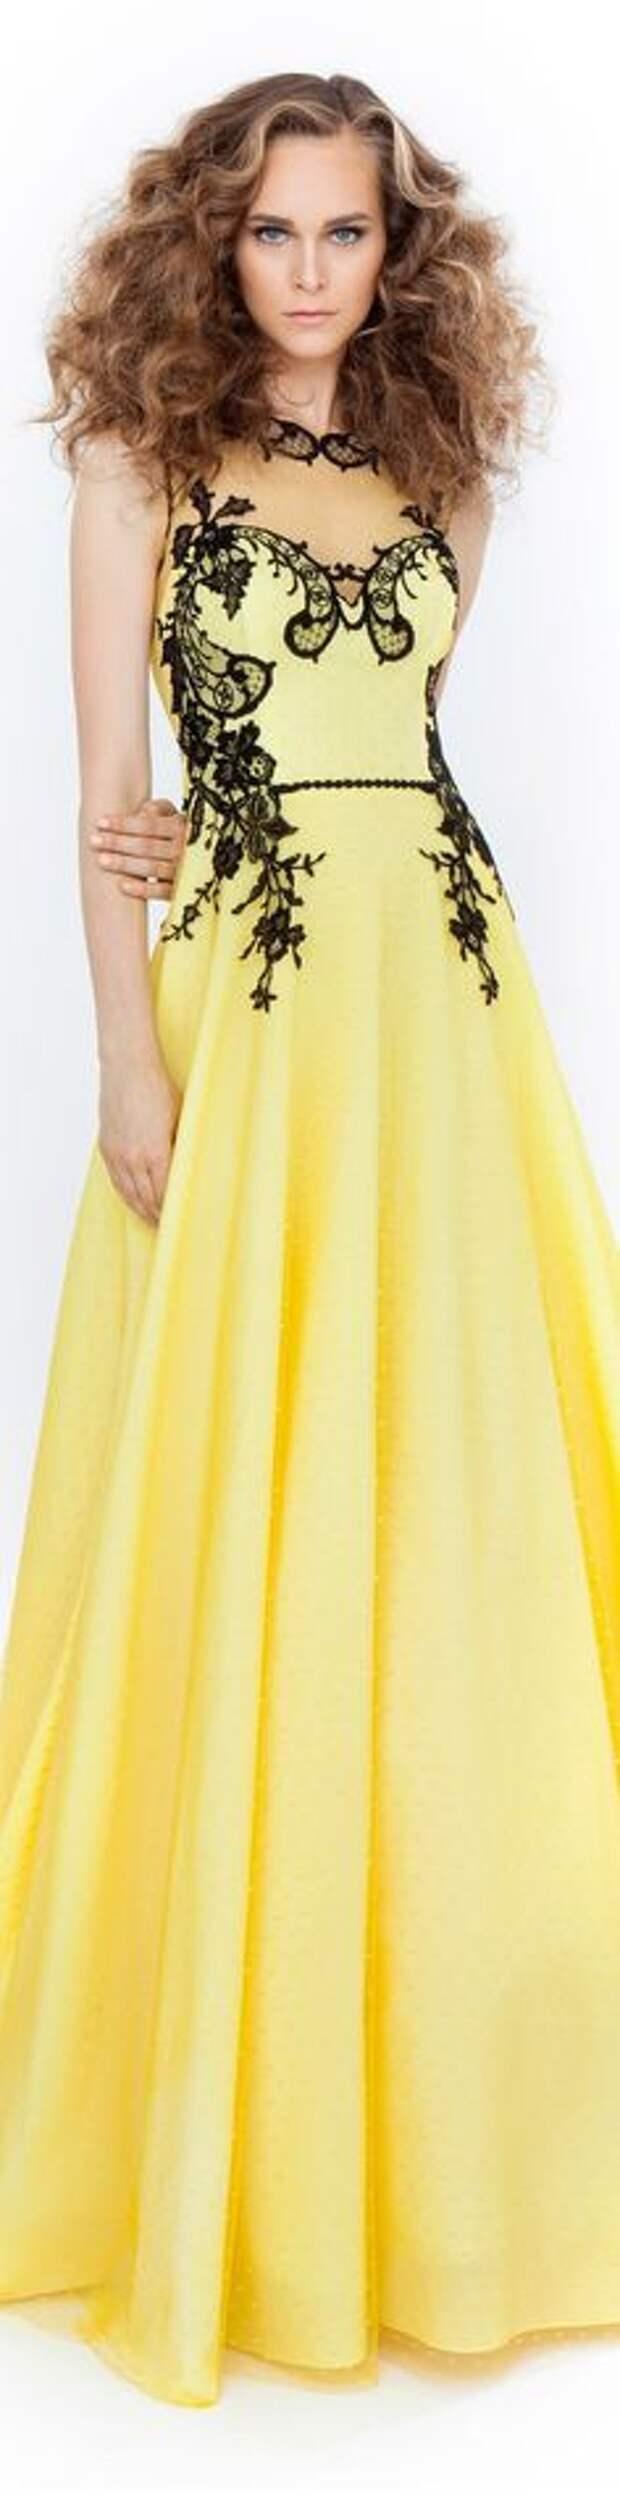 Платья в пол для маленького роста